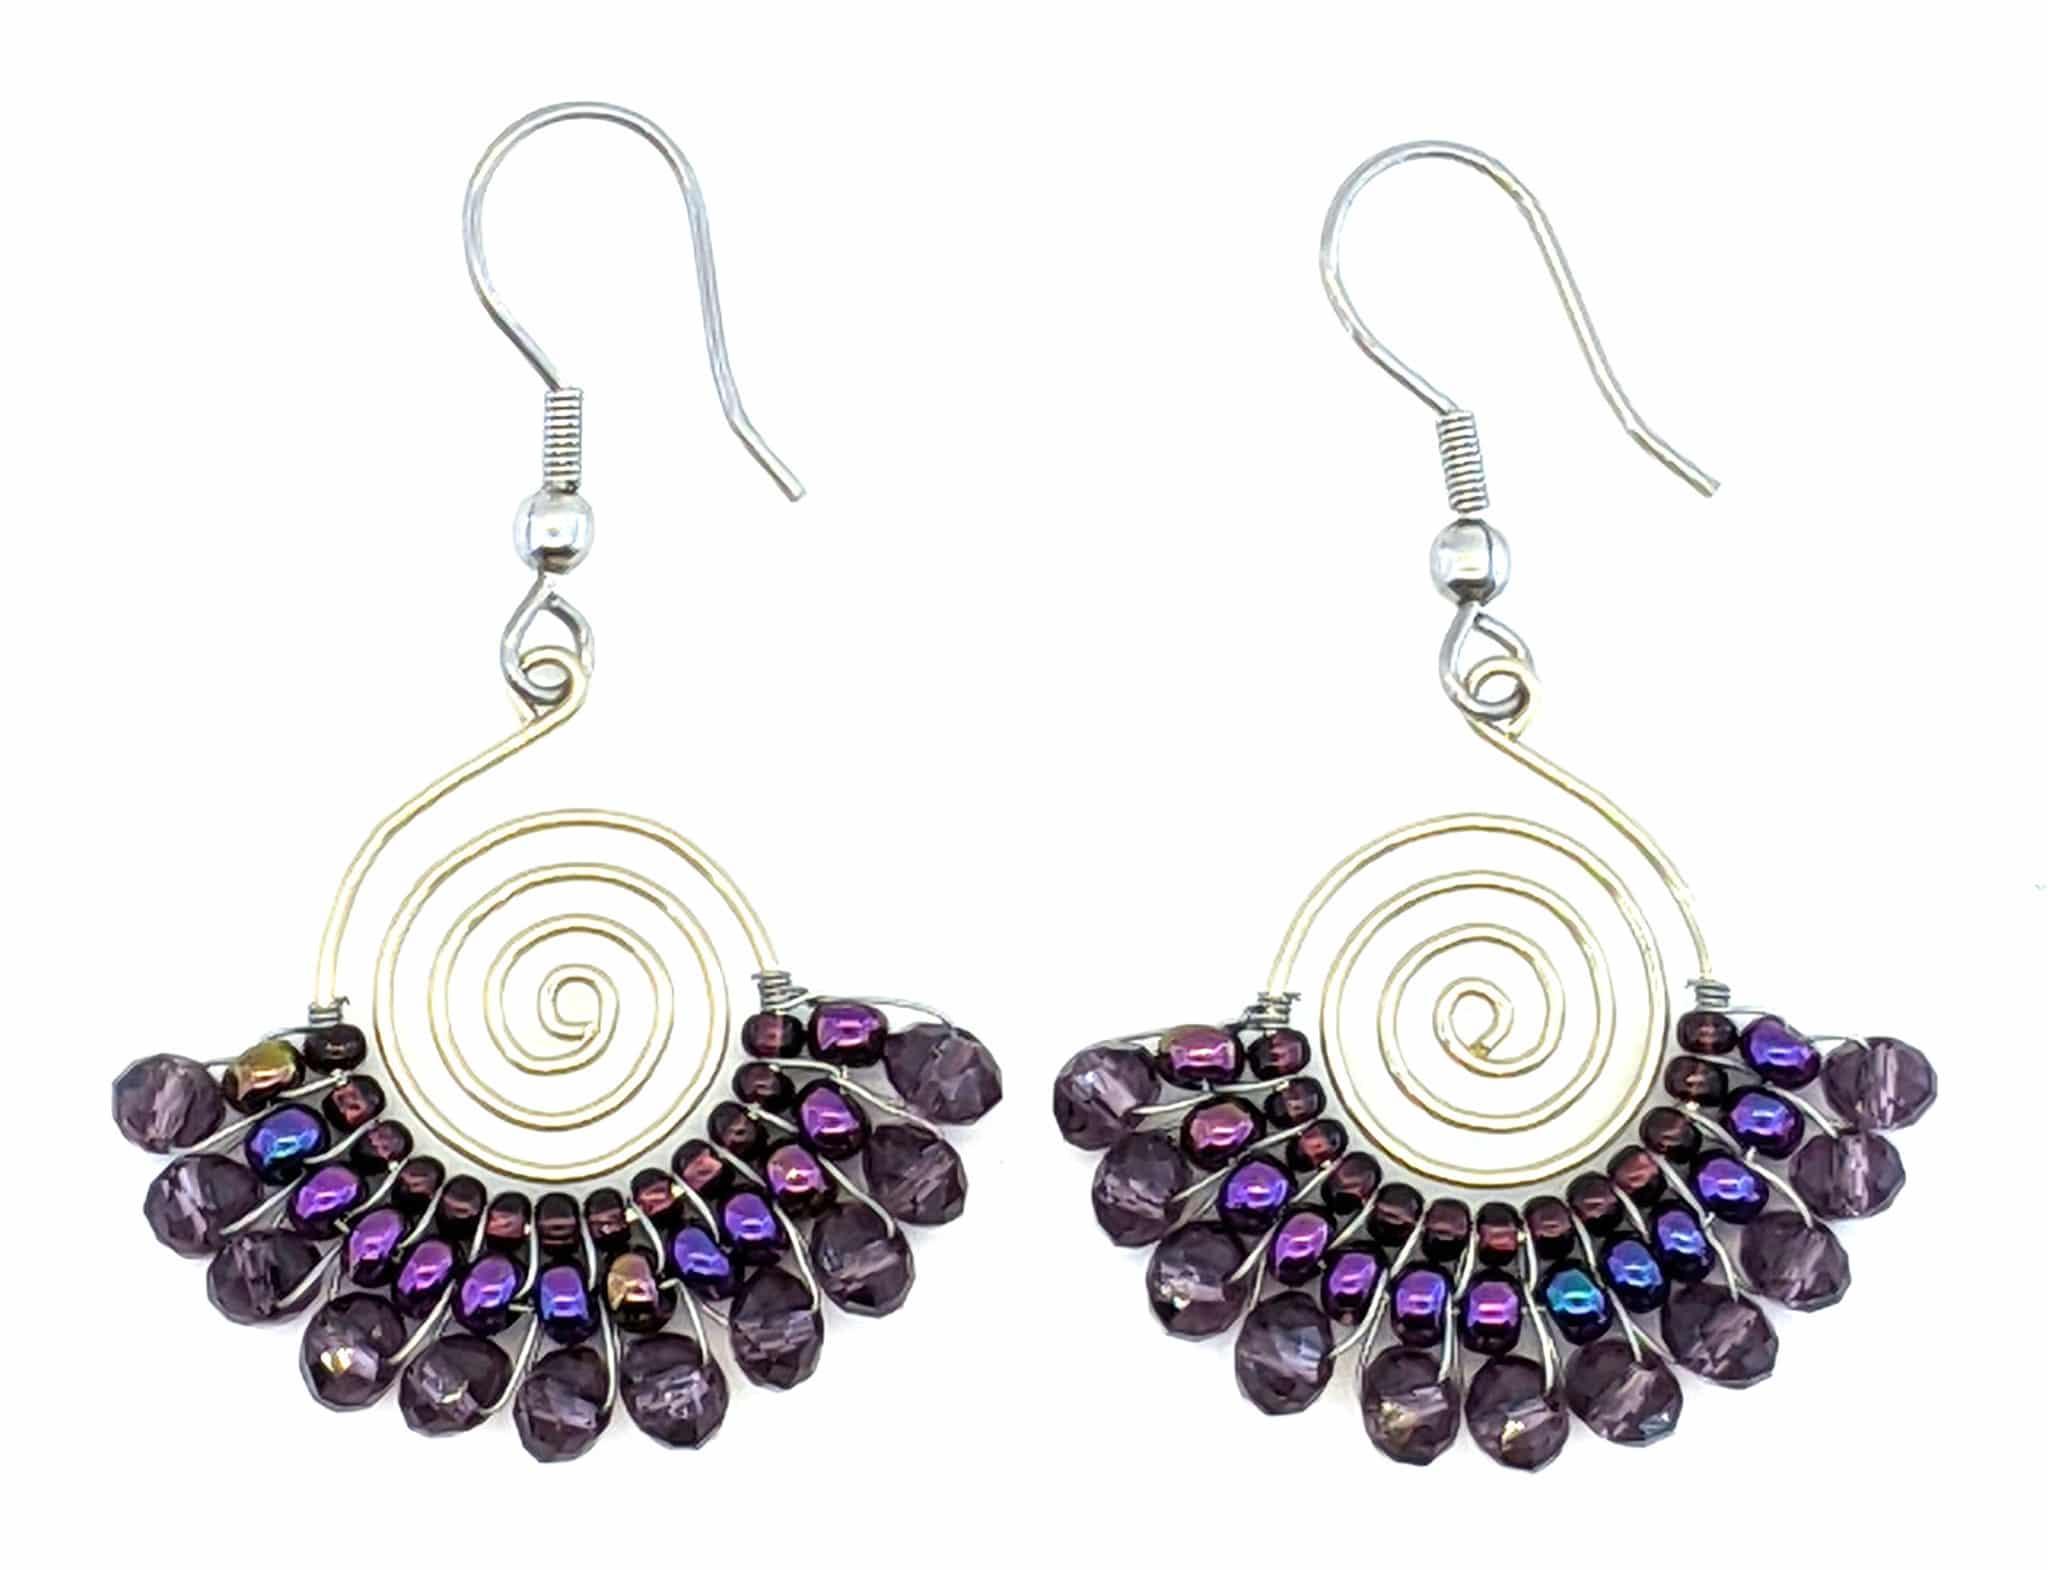 Spiral Skirt Beaded Earrings - Purples